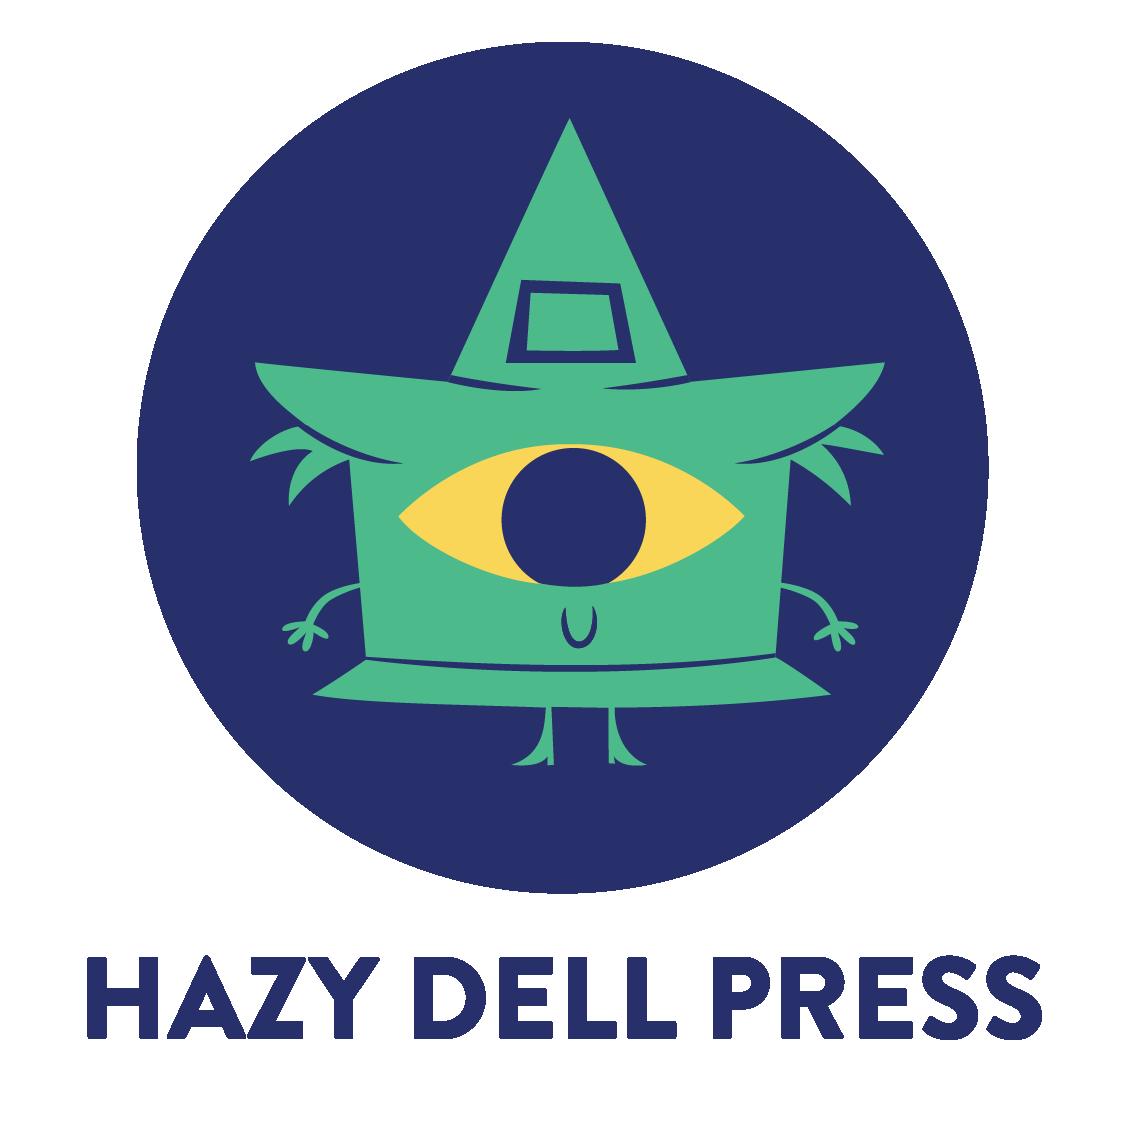 Hazy Dell Press Logo